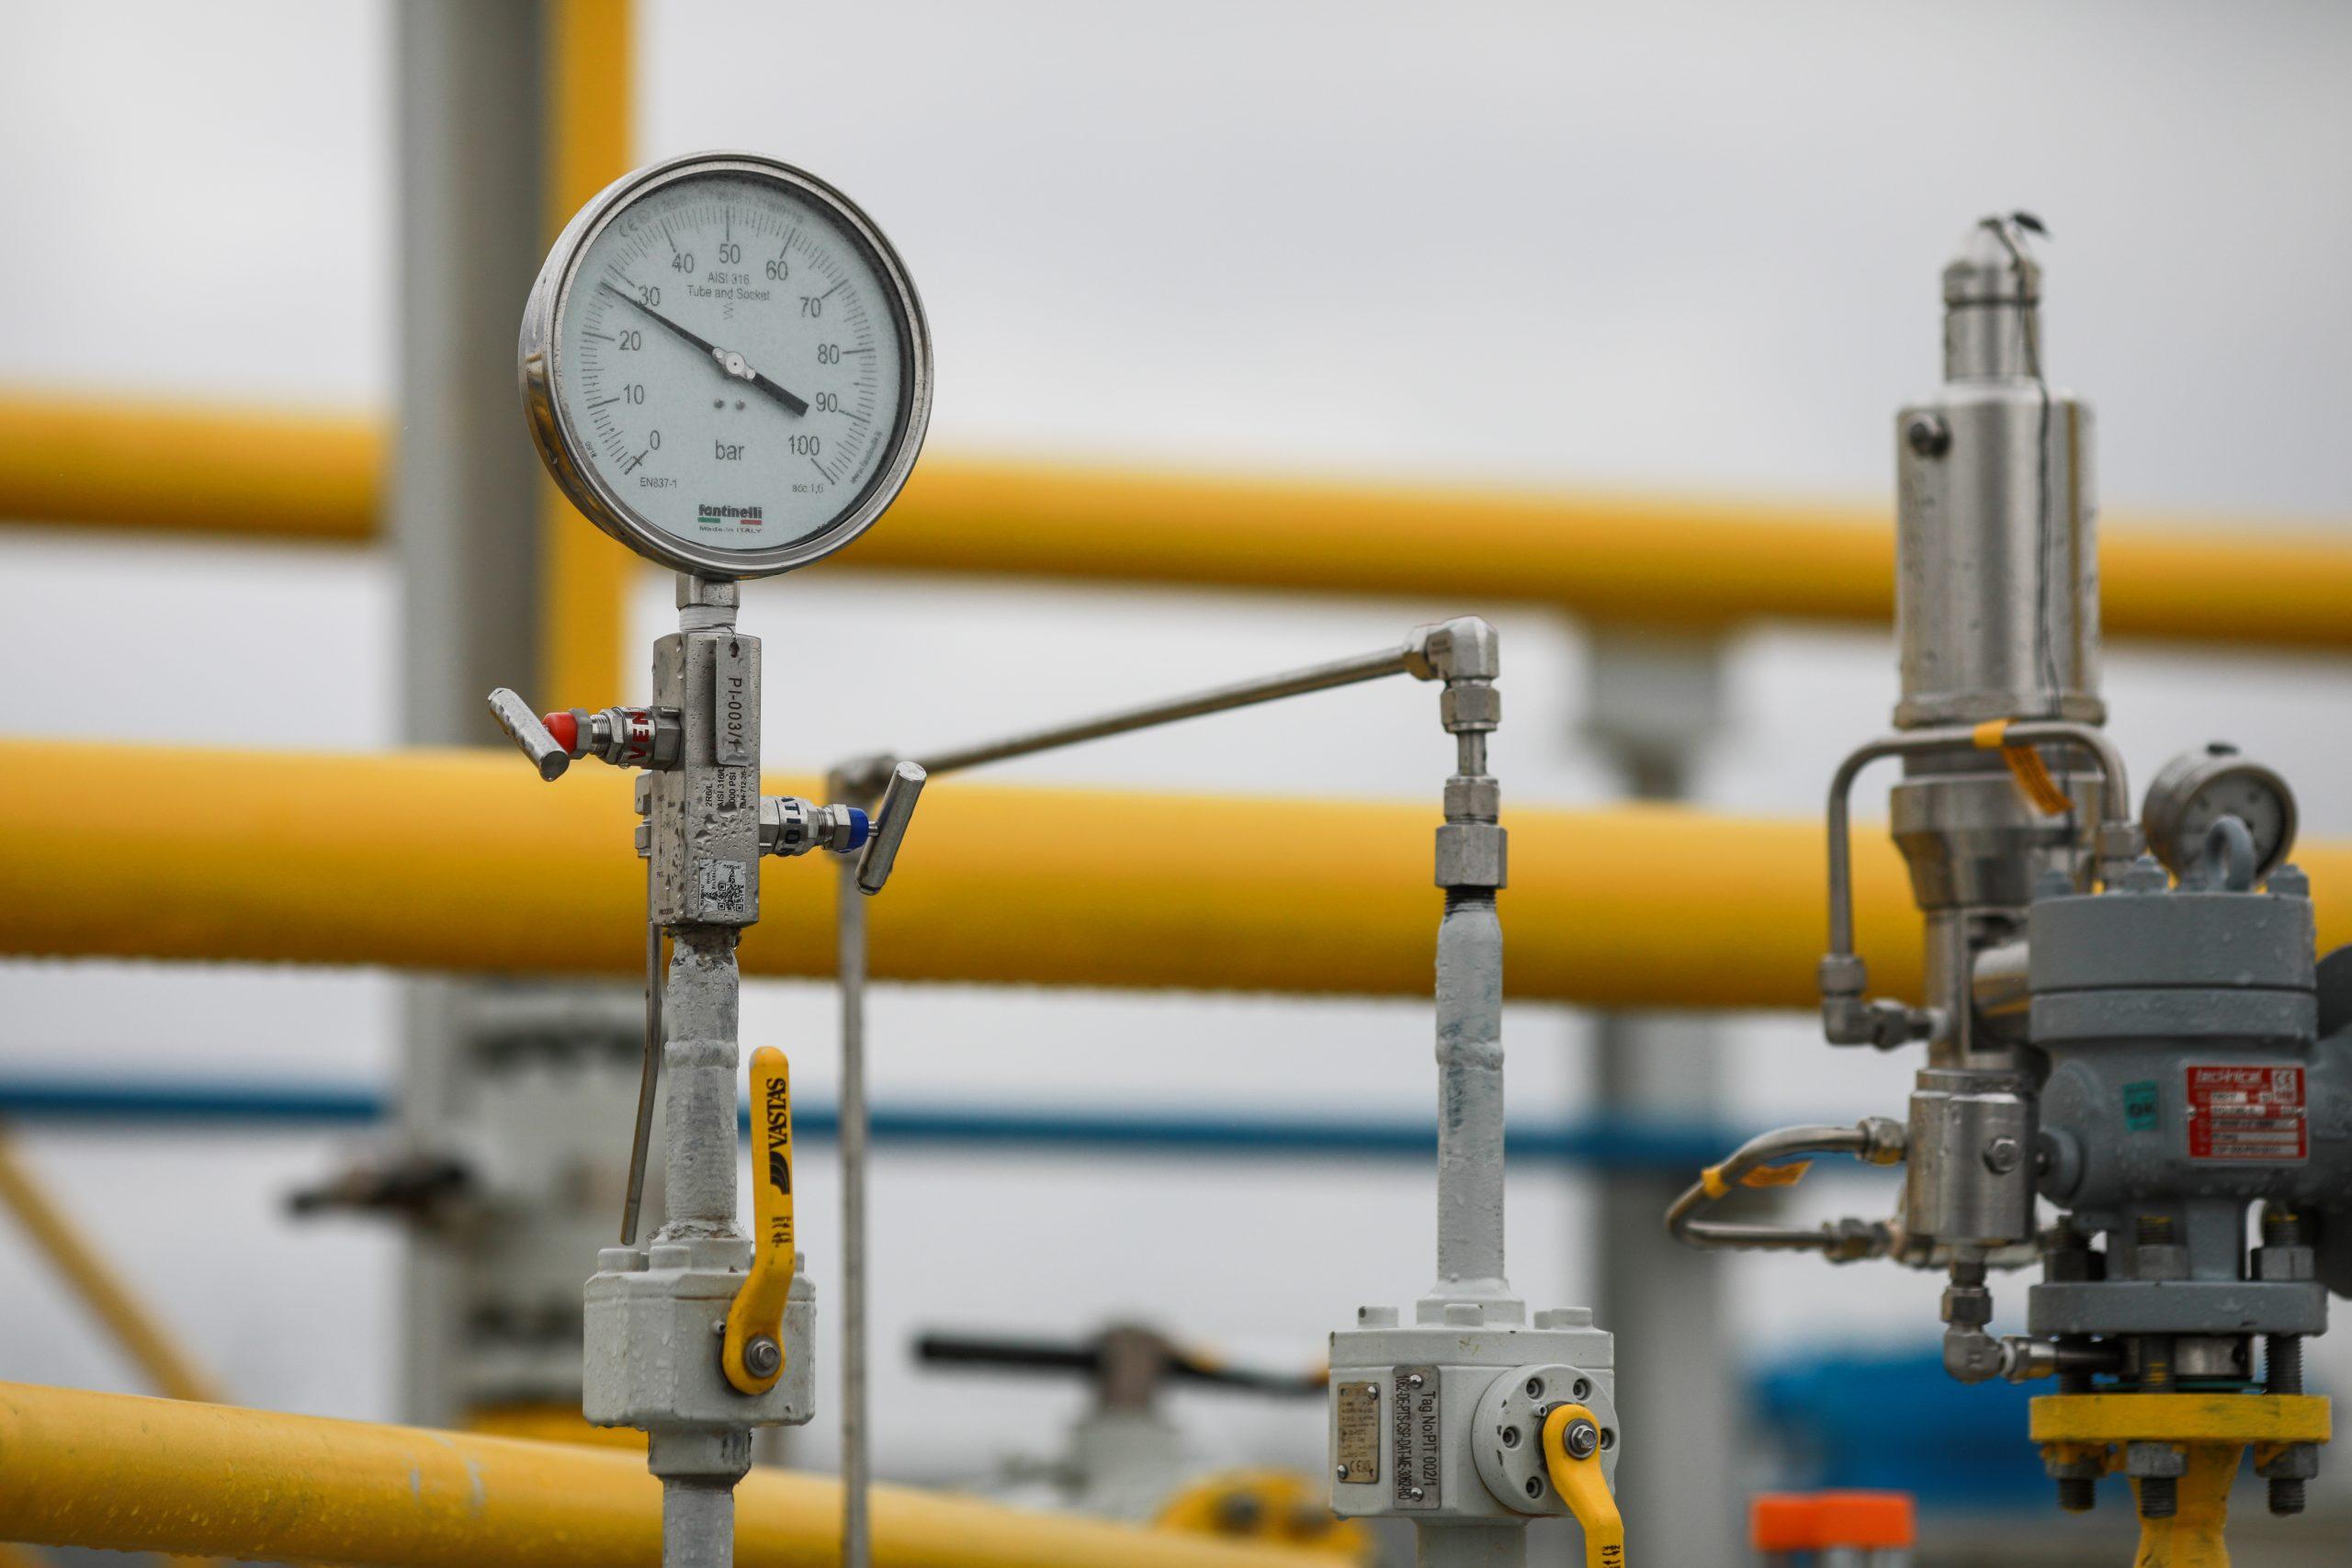 Importurile de gaze au crescut cu 56% în primele opt luni. Producţia s-a majorat cu doar 1,8%